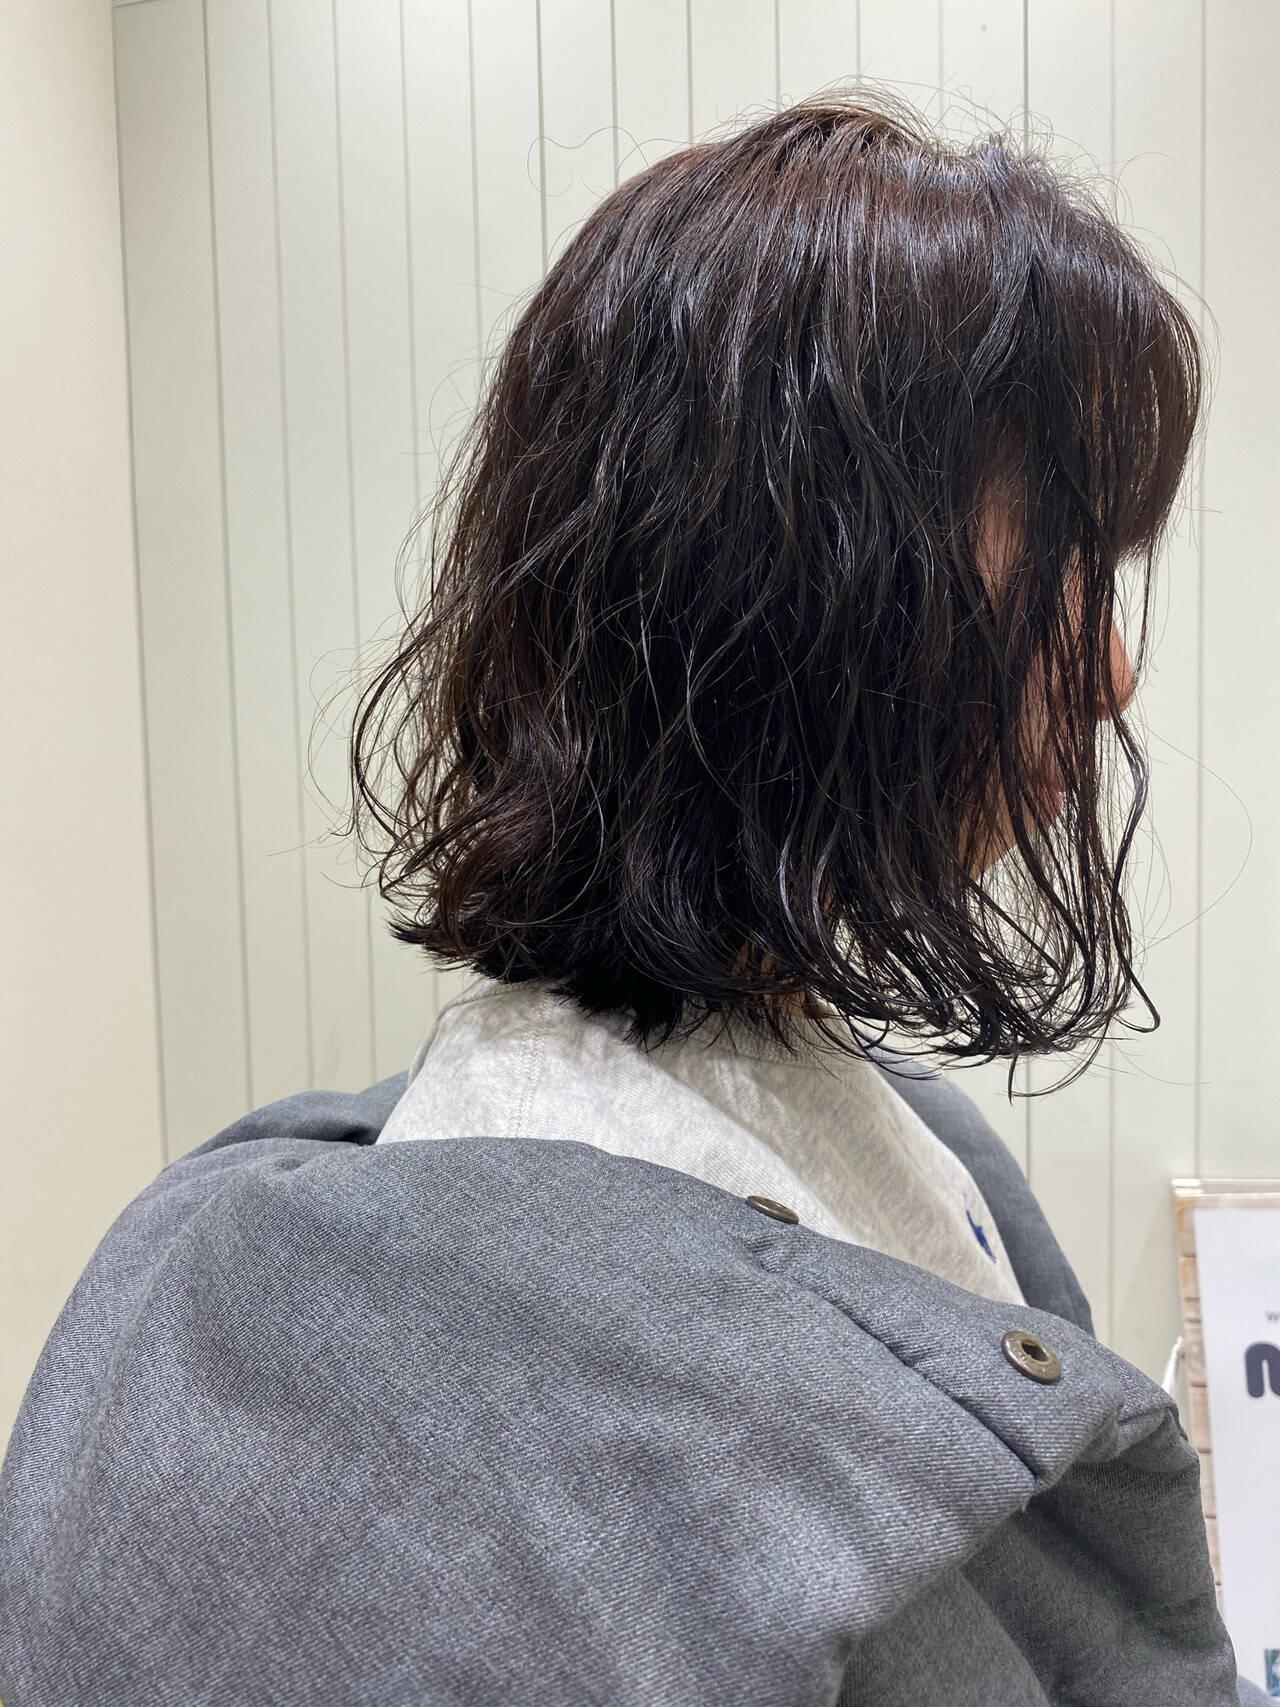 ナチュラル ゆるふわパーマ ミディアム 無造作パーマヘアスタイルや髪型の写真・画像